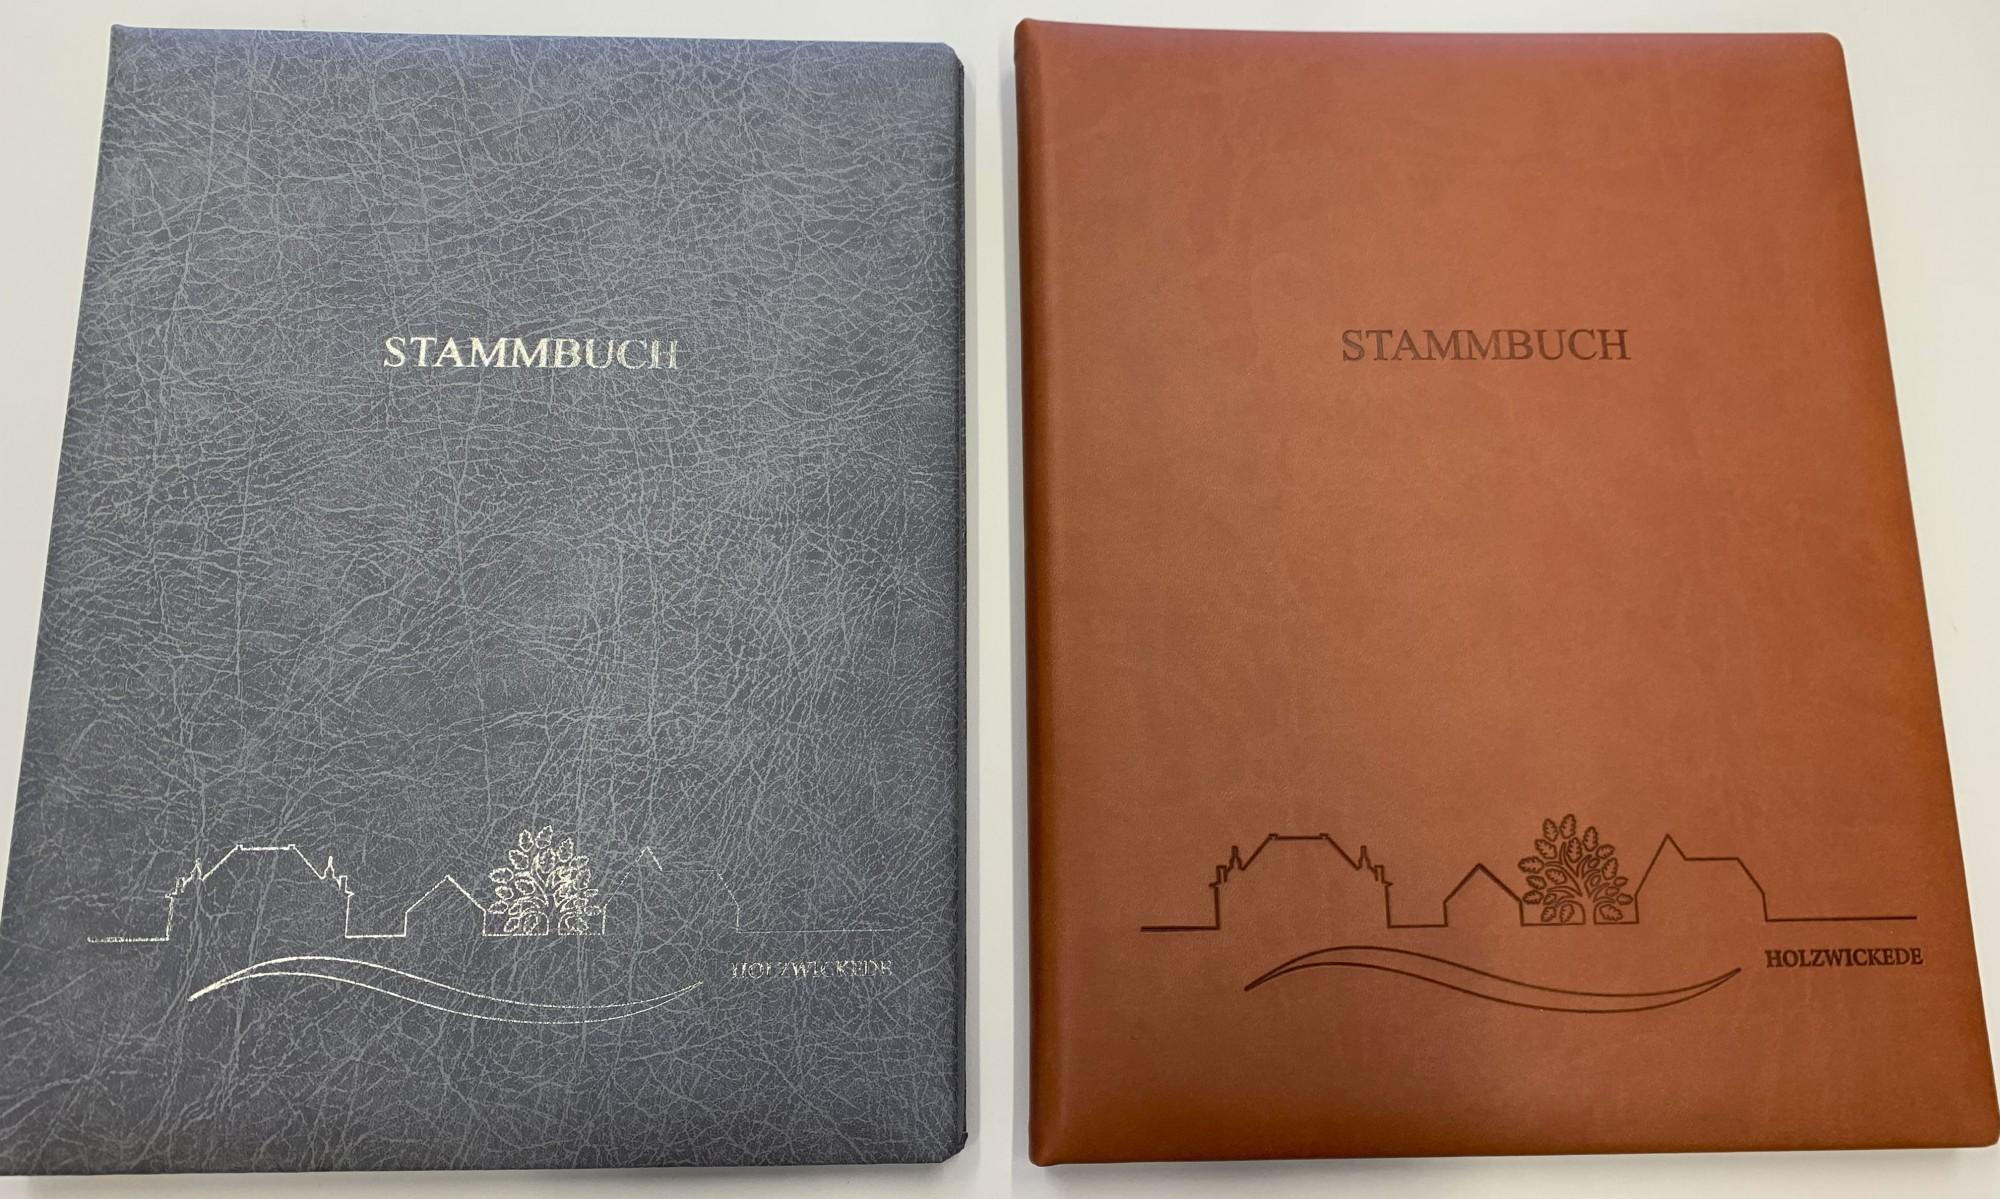 Die neuen Stammbücher sind jetzt auch mit einer Skyline der Gemeinde Holzwickede und in zwei Farben erhältlich. (Foto: Gemeinde Holzwickede)